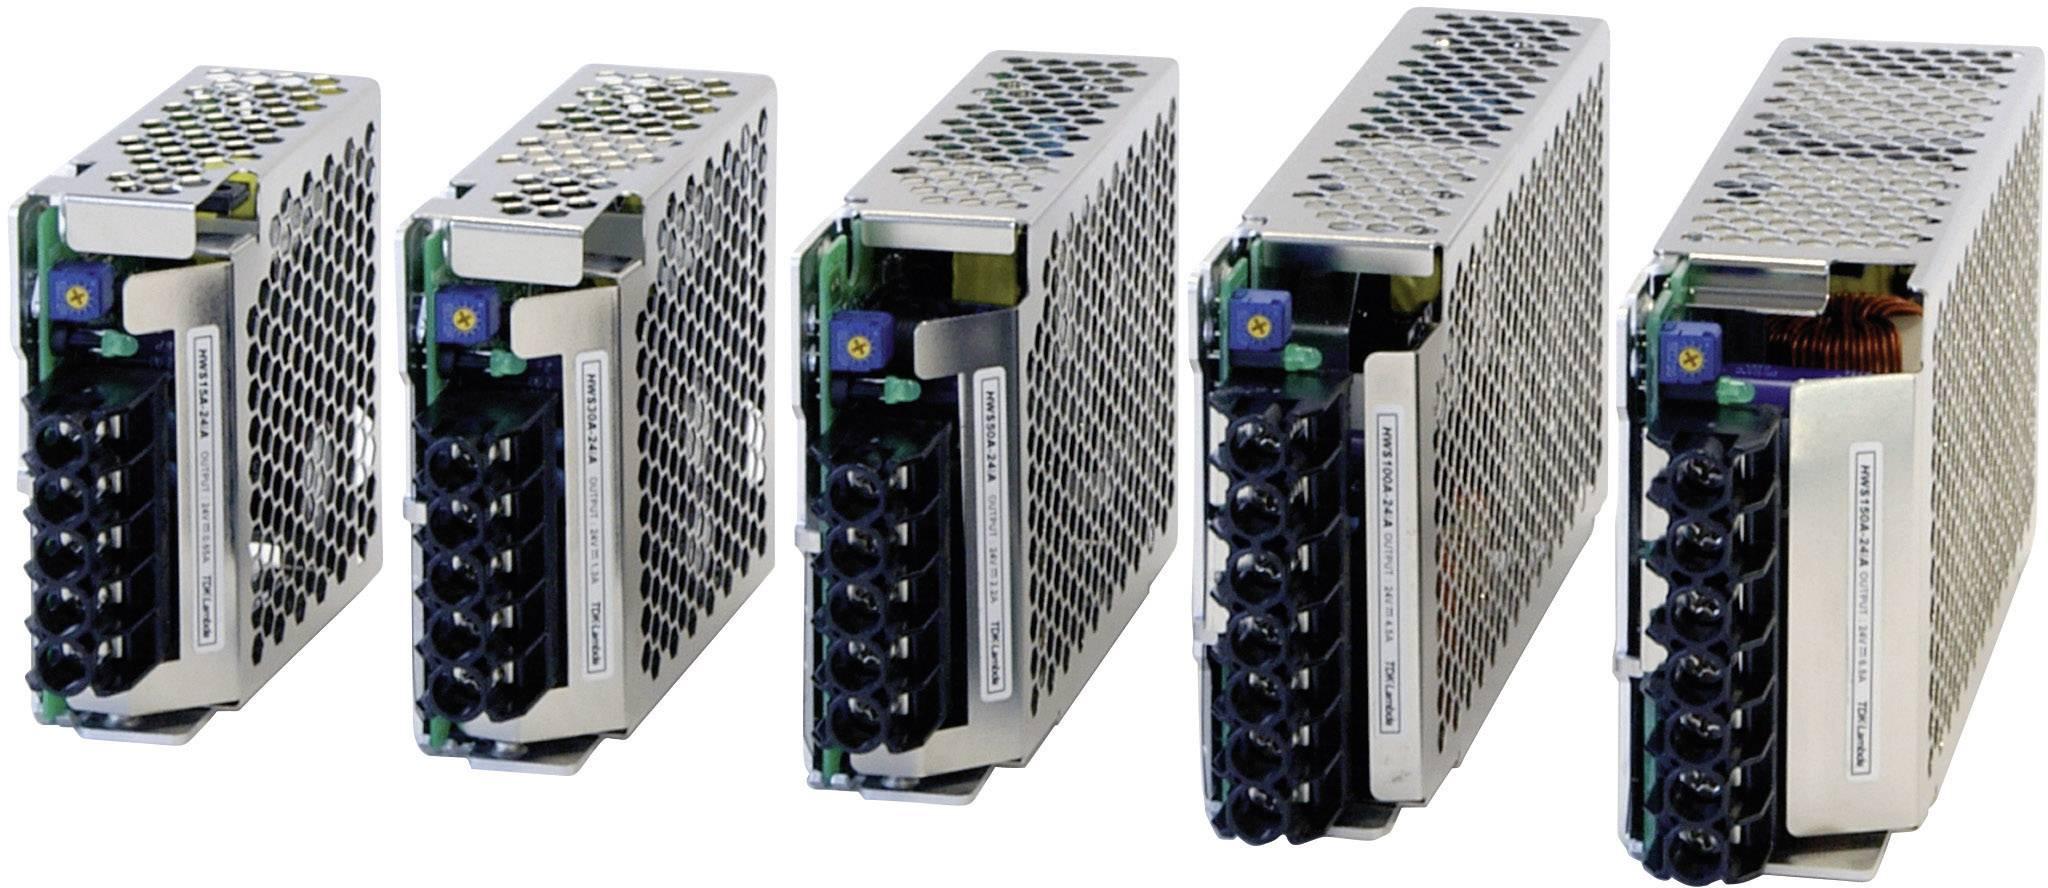 Vestavný napájecí zdroj TDK-Lambda HWS-100A-24/A, 24 V, 108 W